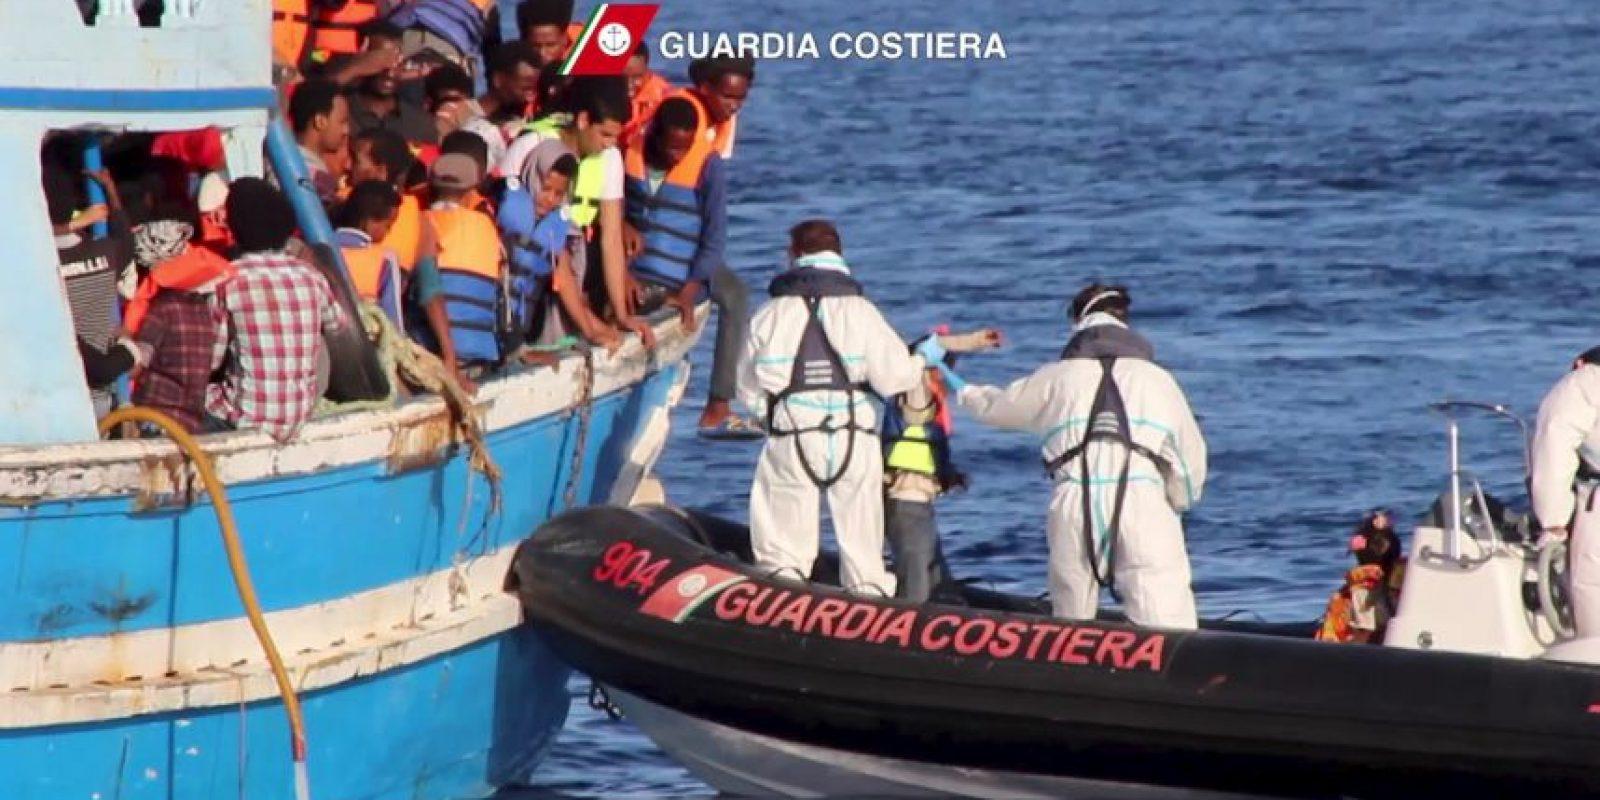 """Más de mil personas han perdido la vida en los últimos quince años por ese estrecho que divide a Cuba y a Estados Unidos. """"BBC"""" reseñó que la Guardia costera estadounidense estimó en dos mil 059 la cantidad de cubanos en embarcaciones el pasado año. Foto:AFP"""